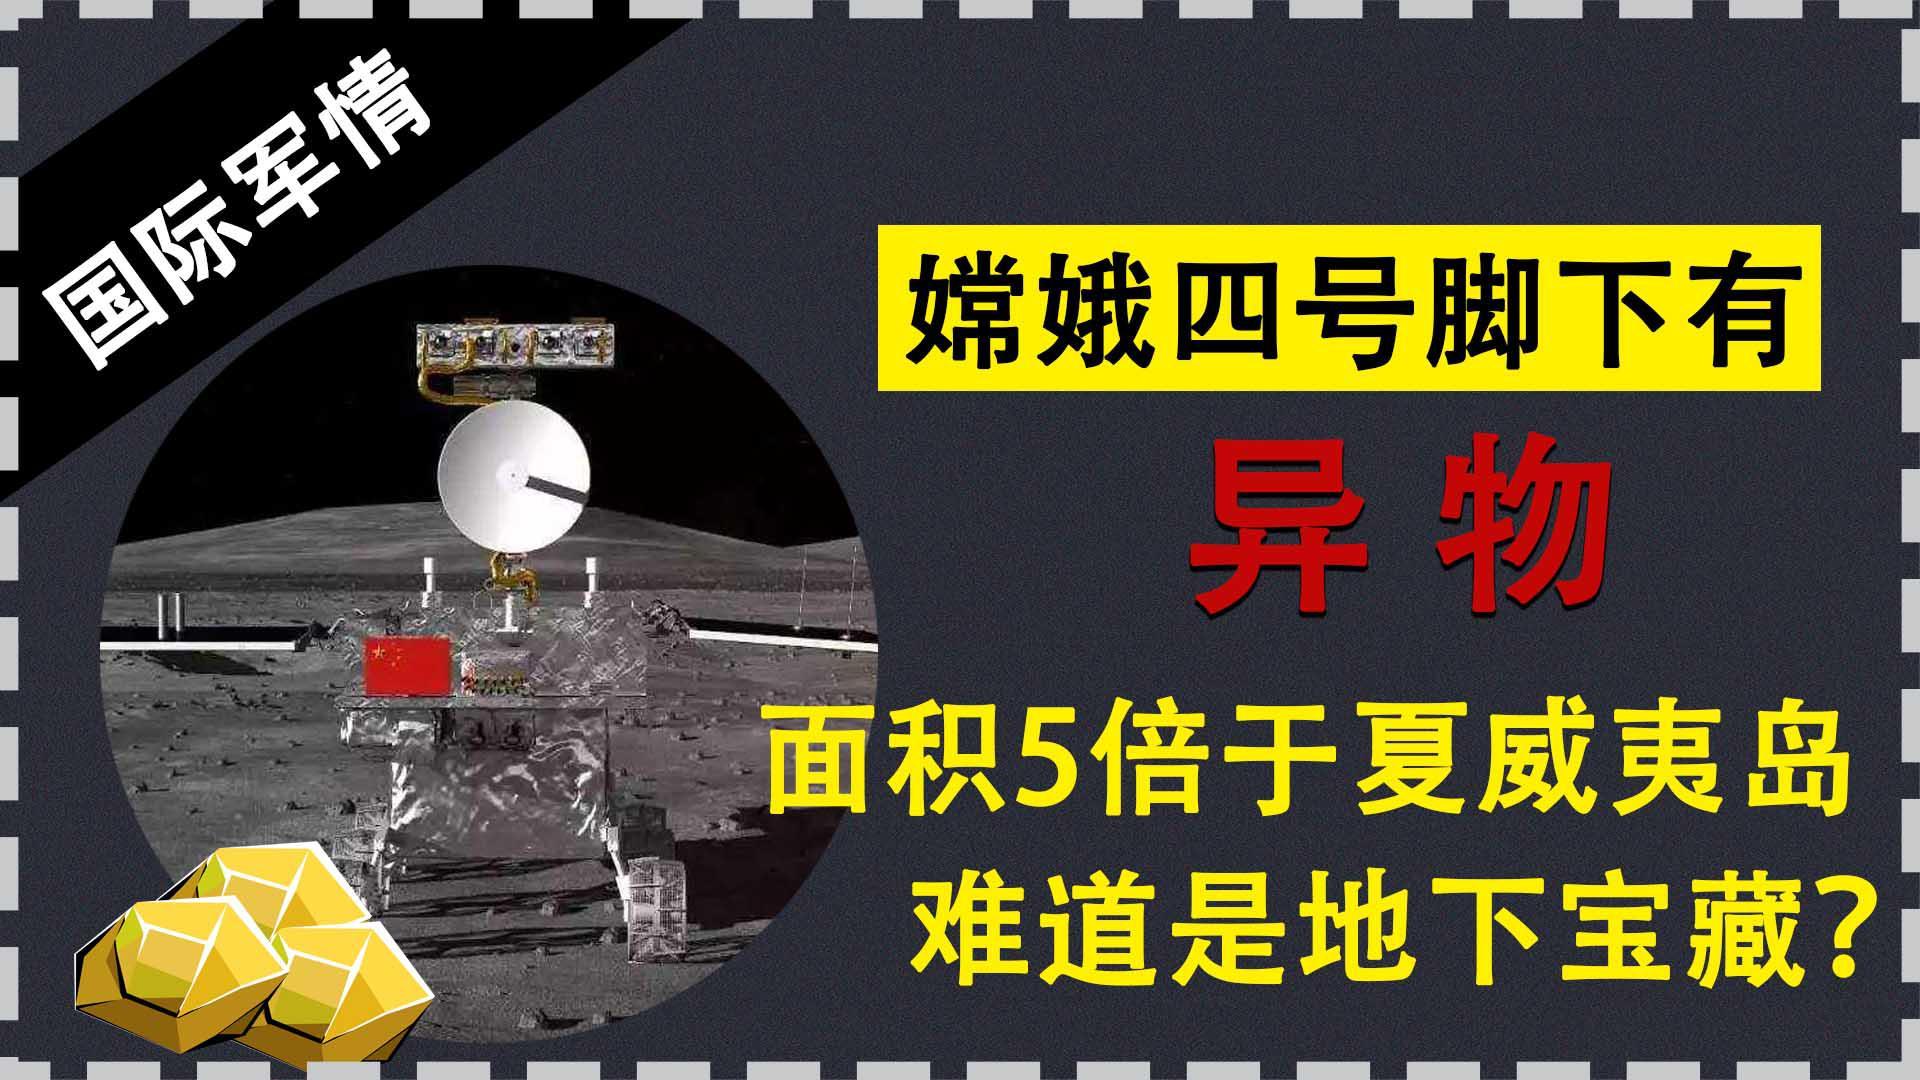 地下宝藏被发现?嫦娥四号脚下发现不明物质,面积有夏威夷岛五倍